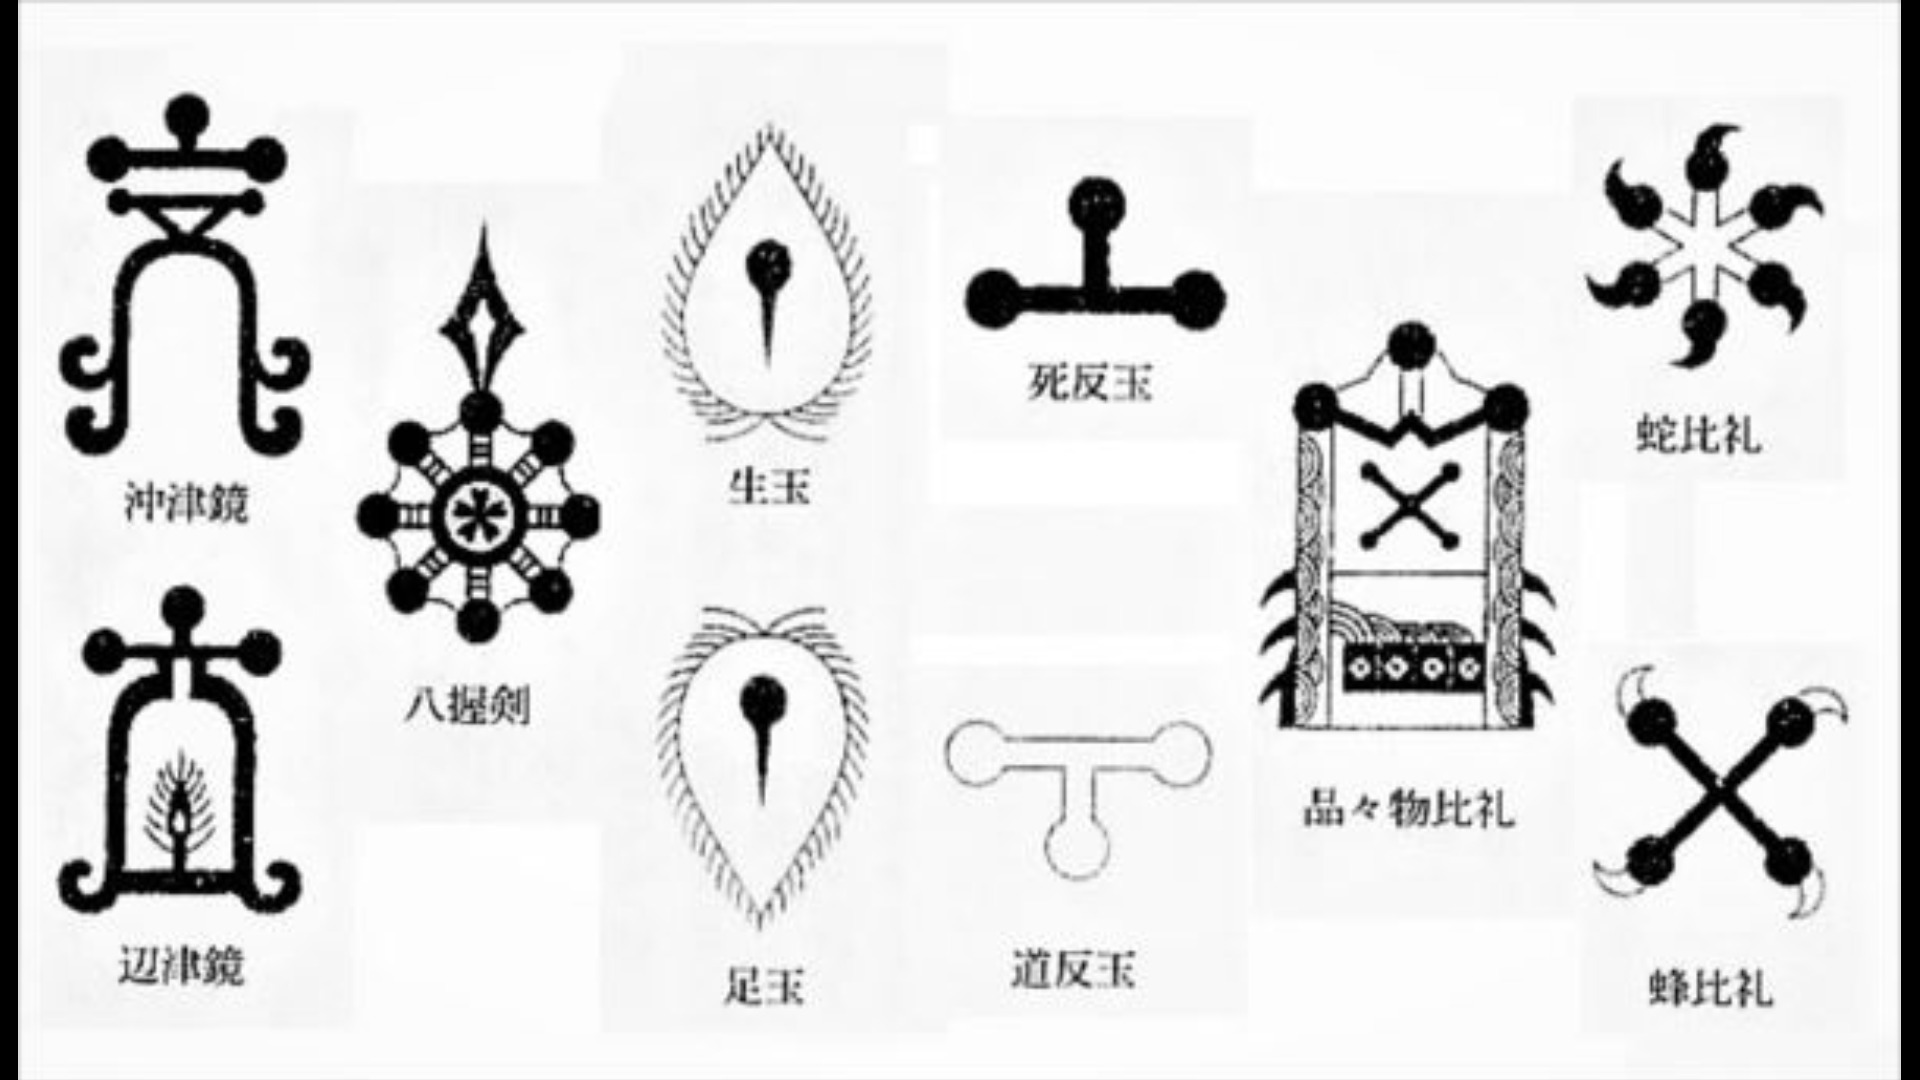 21.5.25【呪術編】第3回 呪術って?